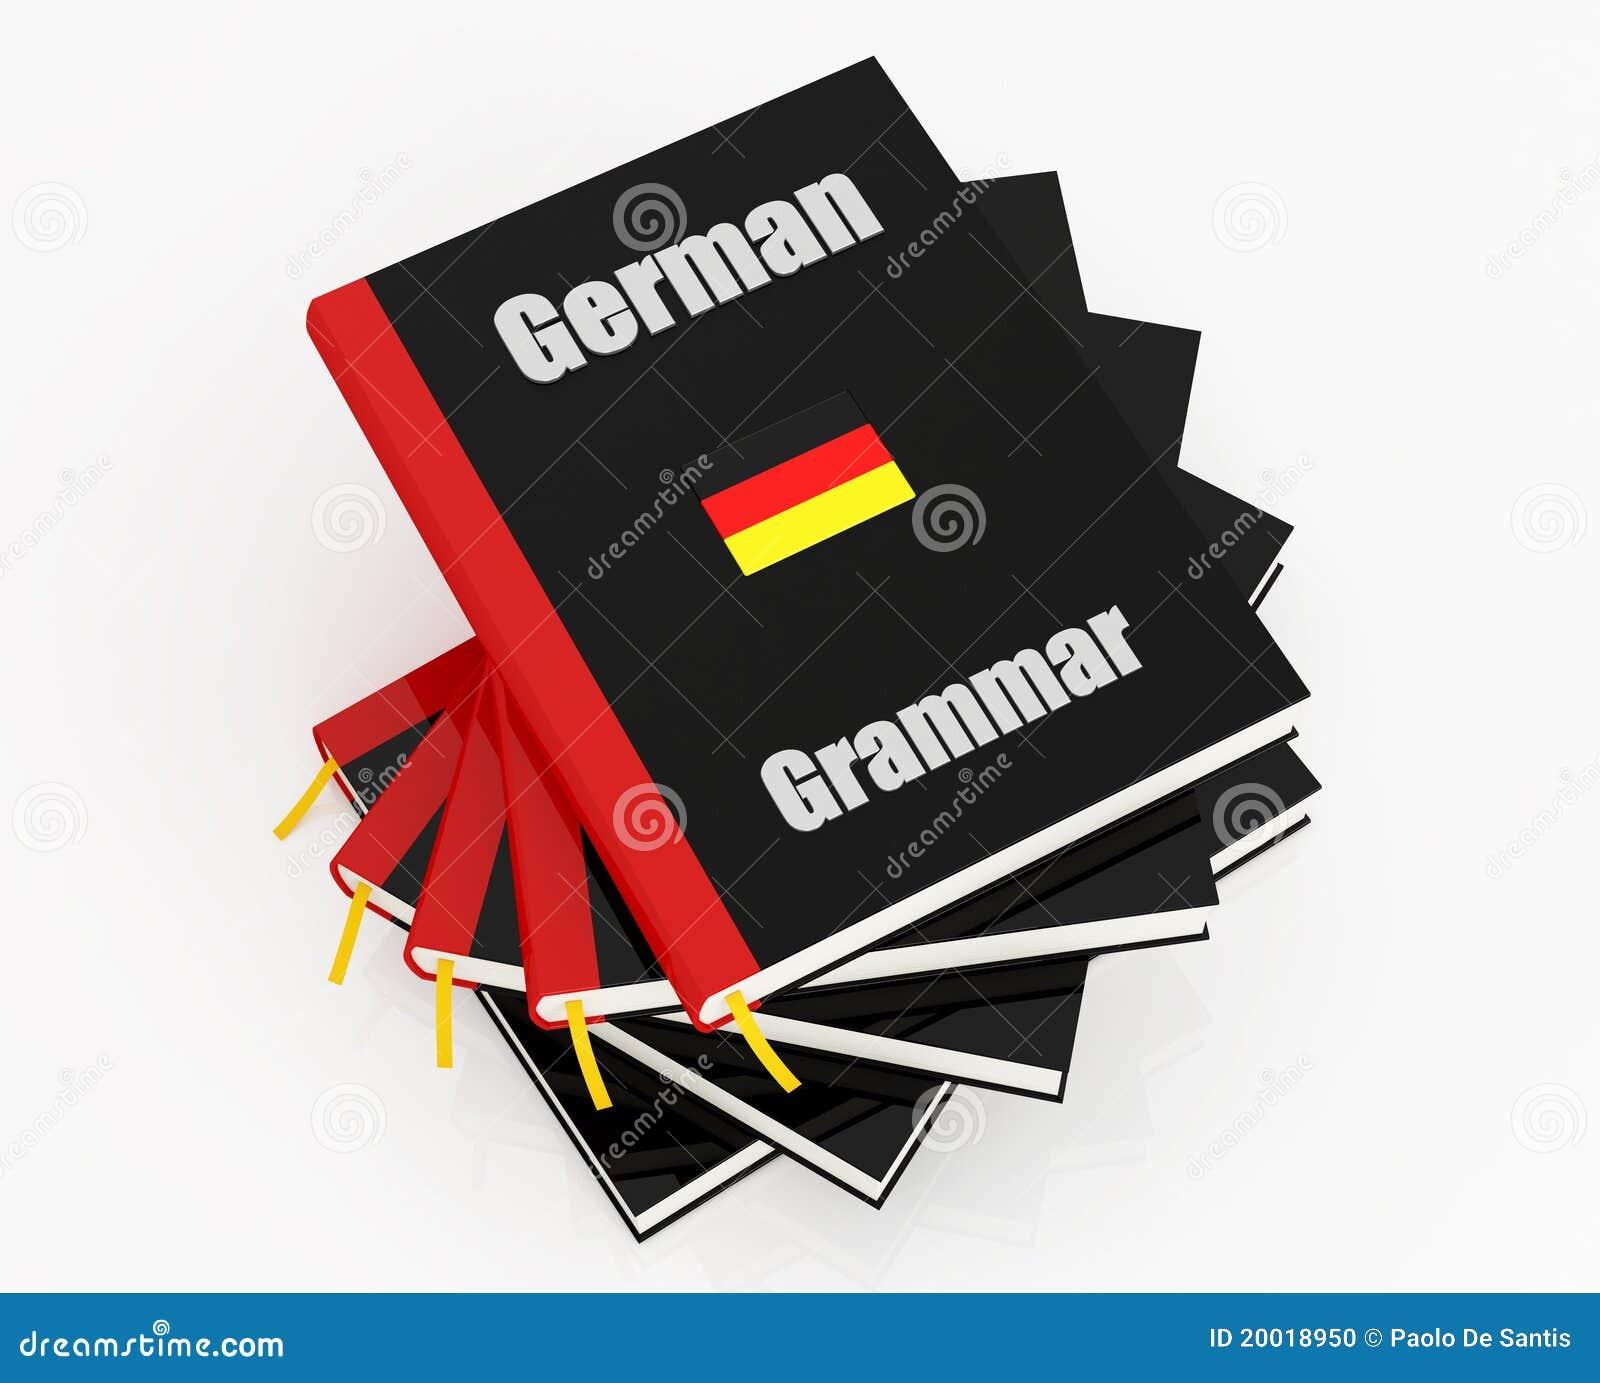 Tysk grammatik stock illustrationer  Illustration av stapel